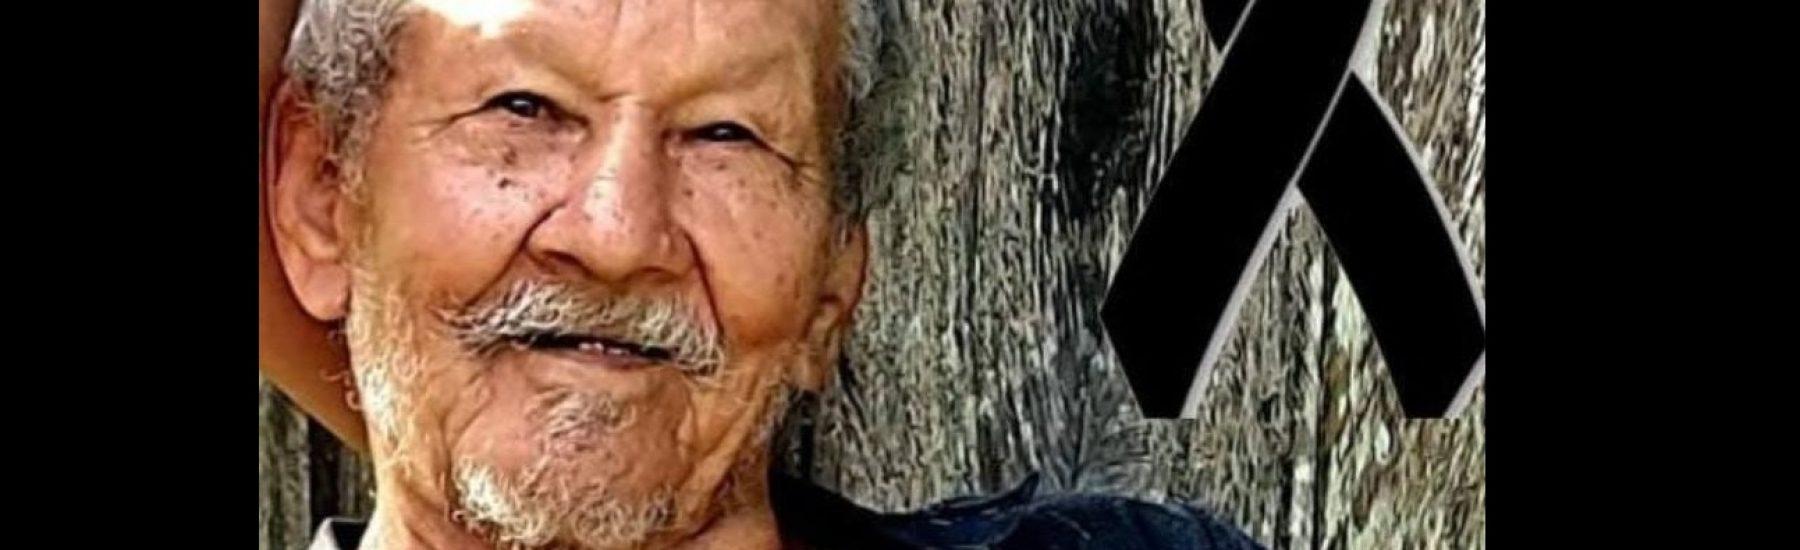 Ejército sería responsable del asesinato de Marco Tulio Chanaga de 86 años en Tame